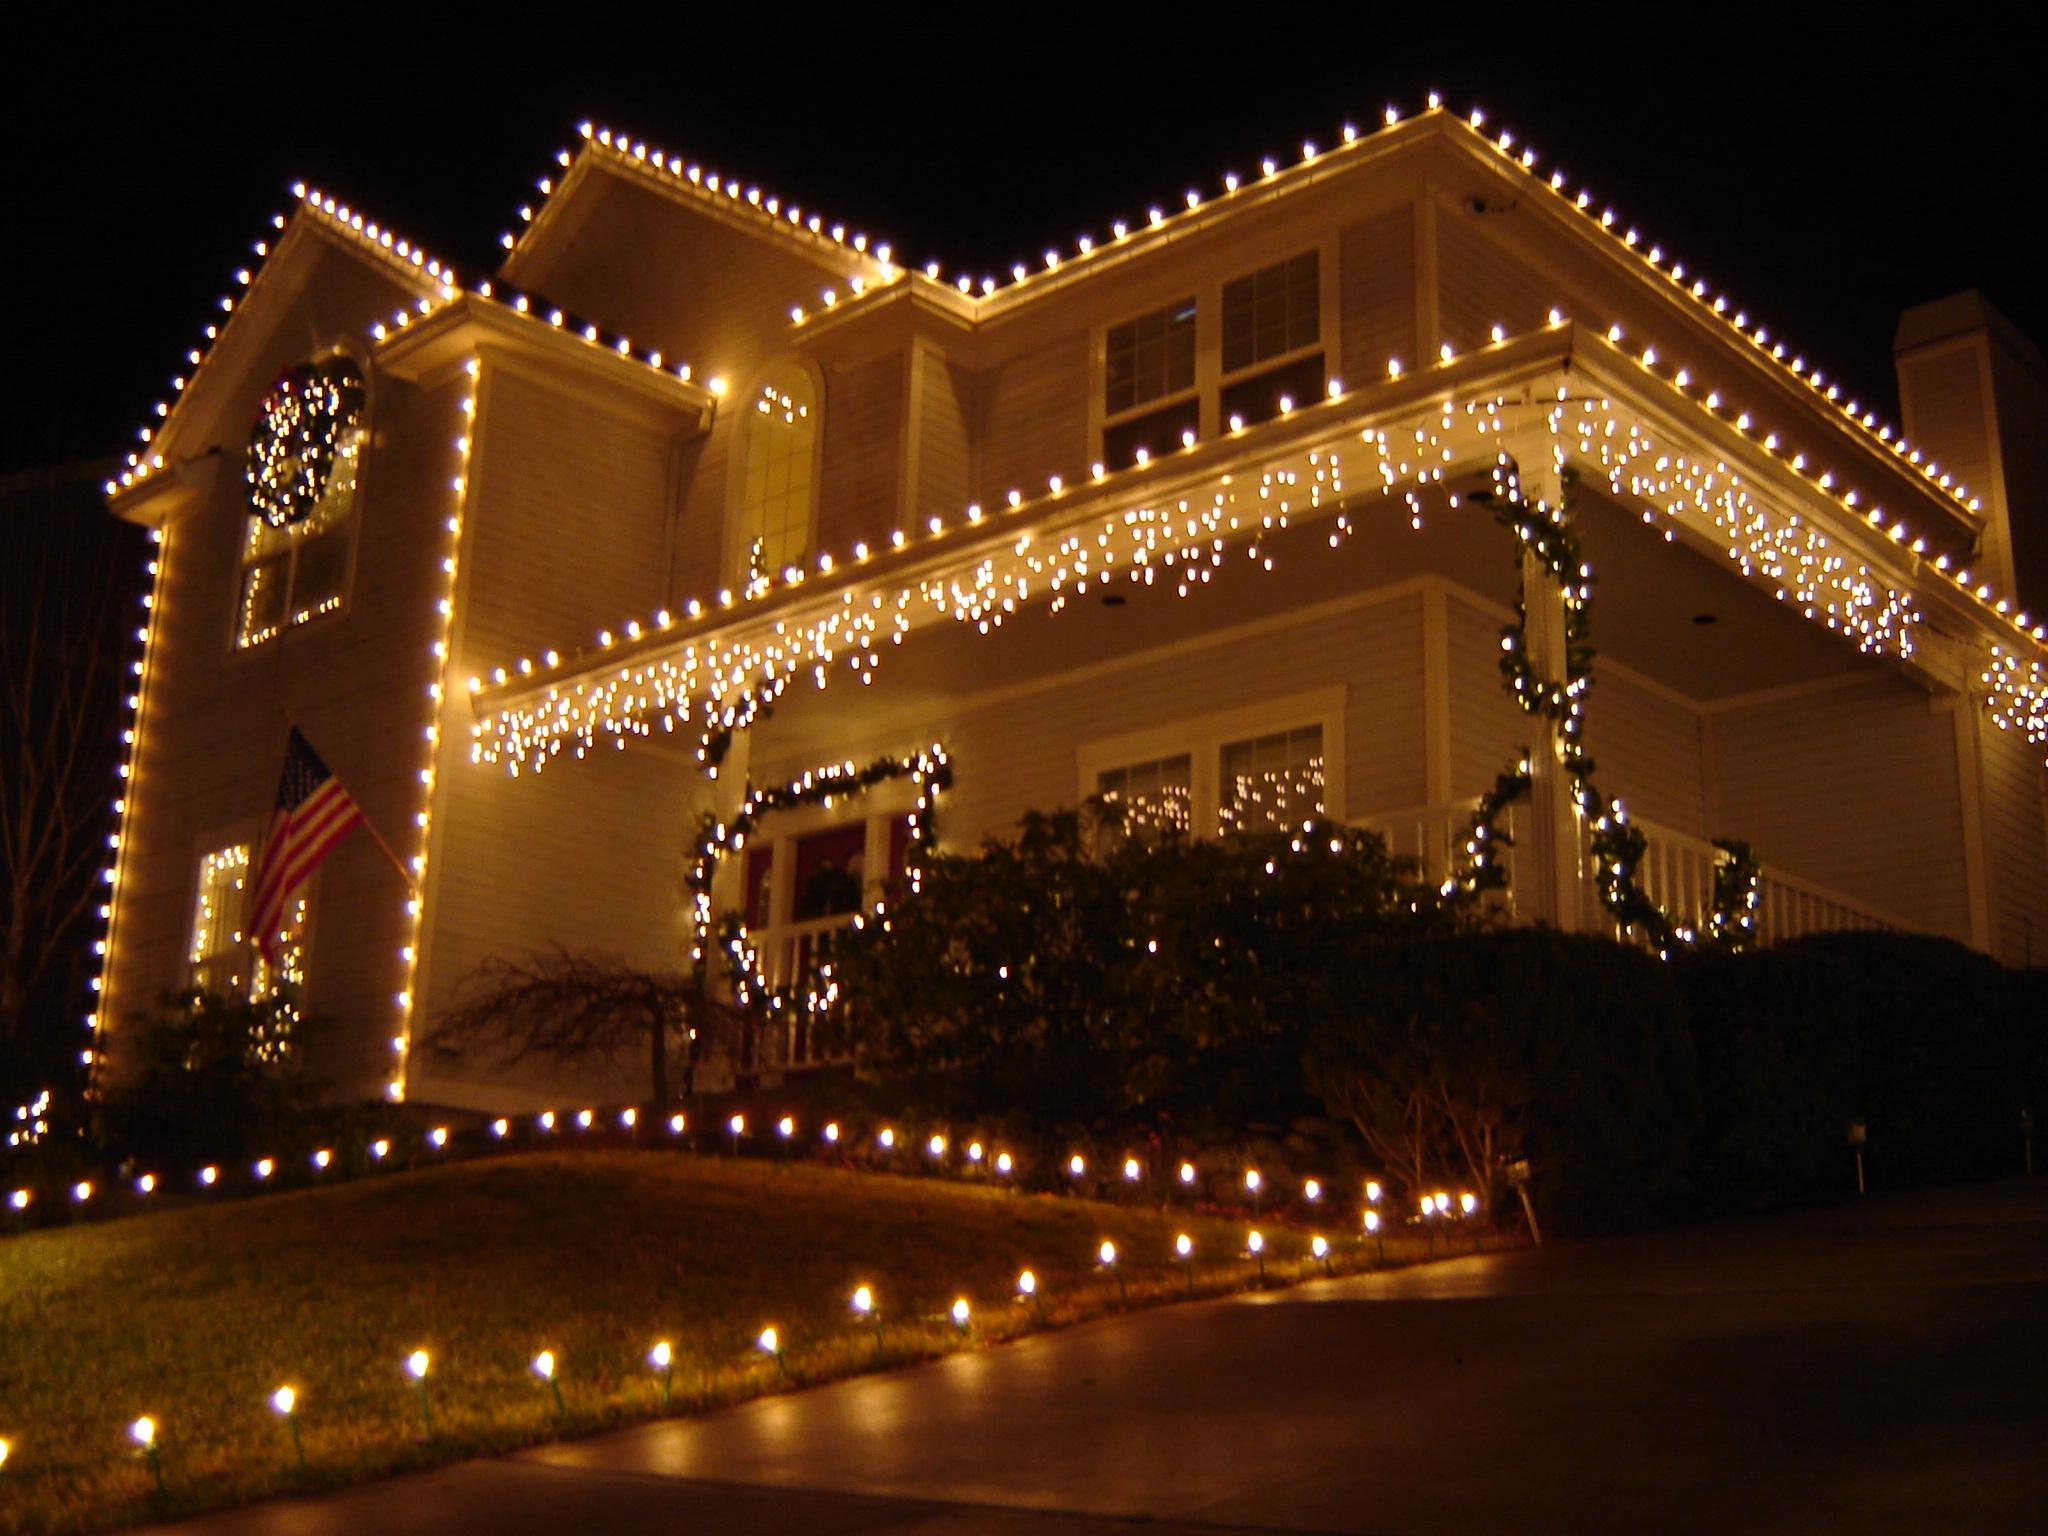 How to hang christmas lights - 665691_50195294